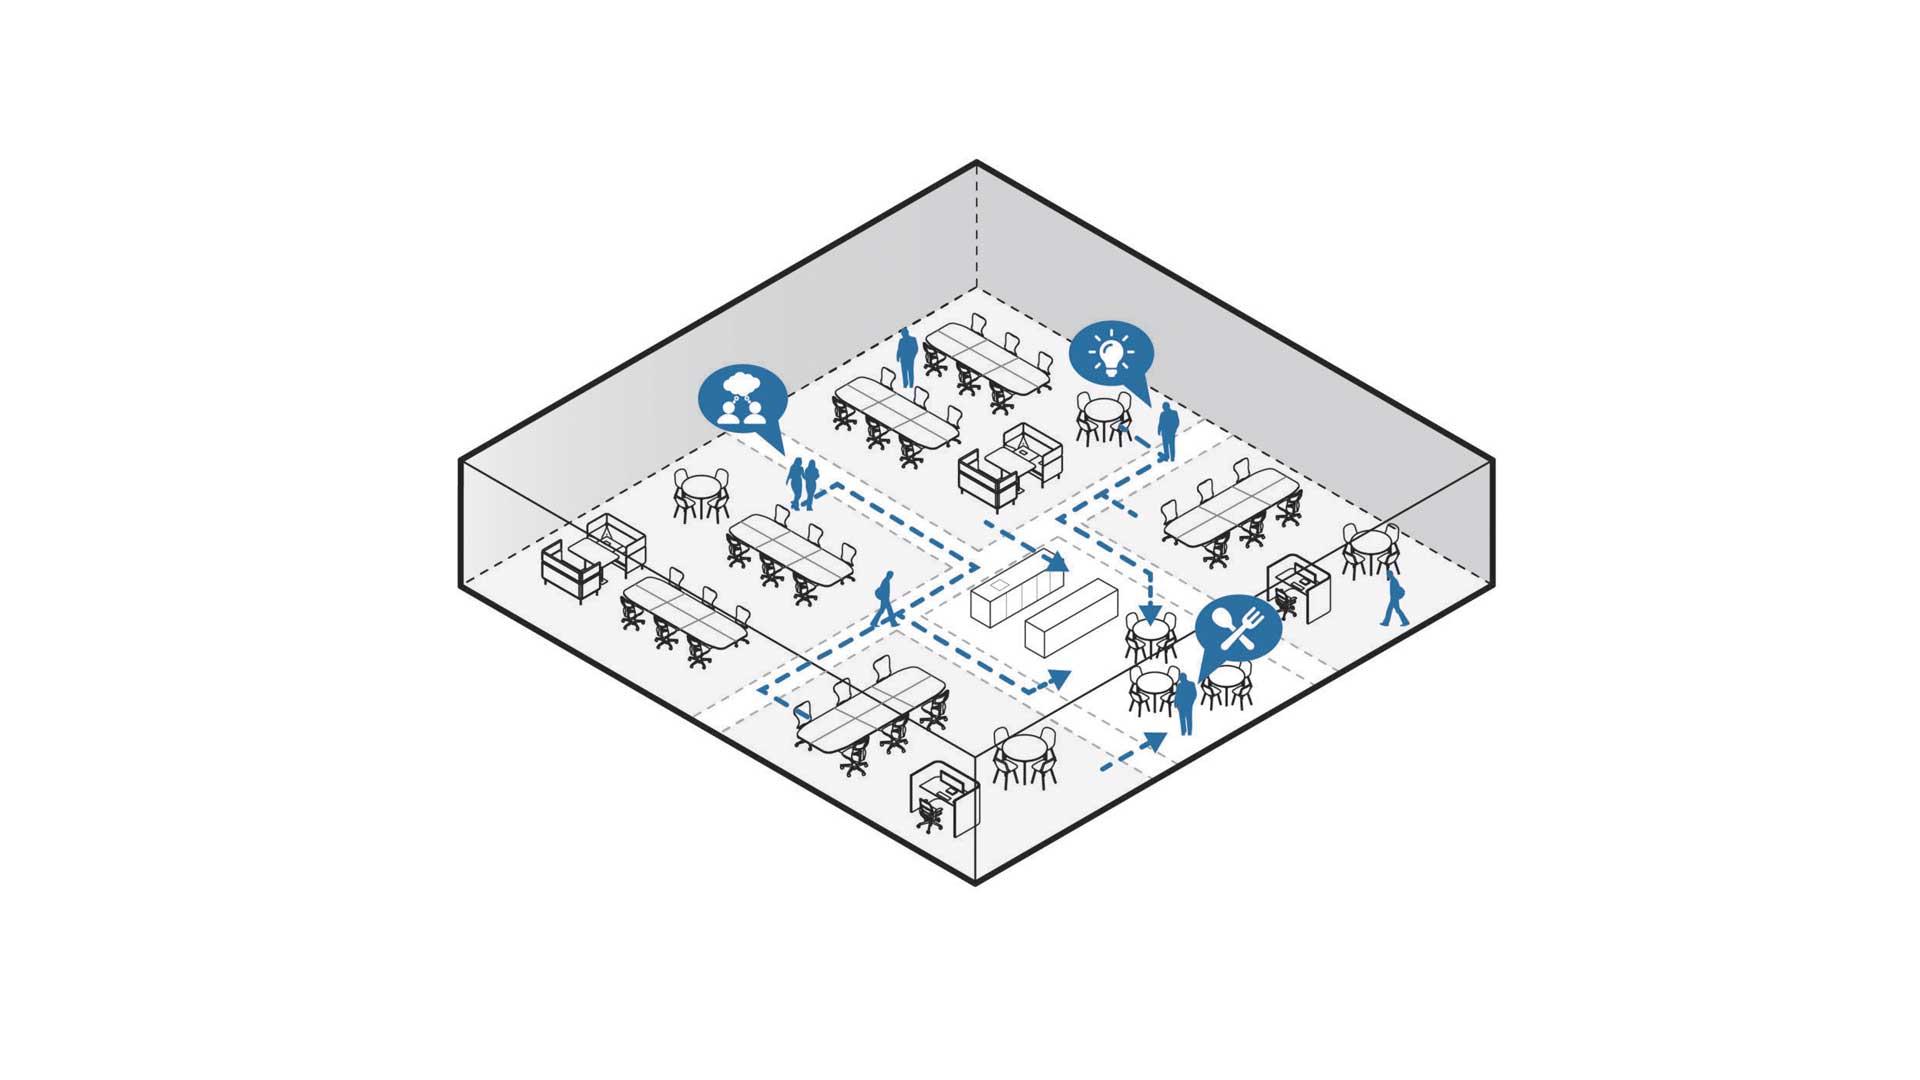 ufficio-del-futuro-4-modelli-collectives-studio-Level-Office-Landscape